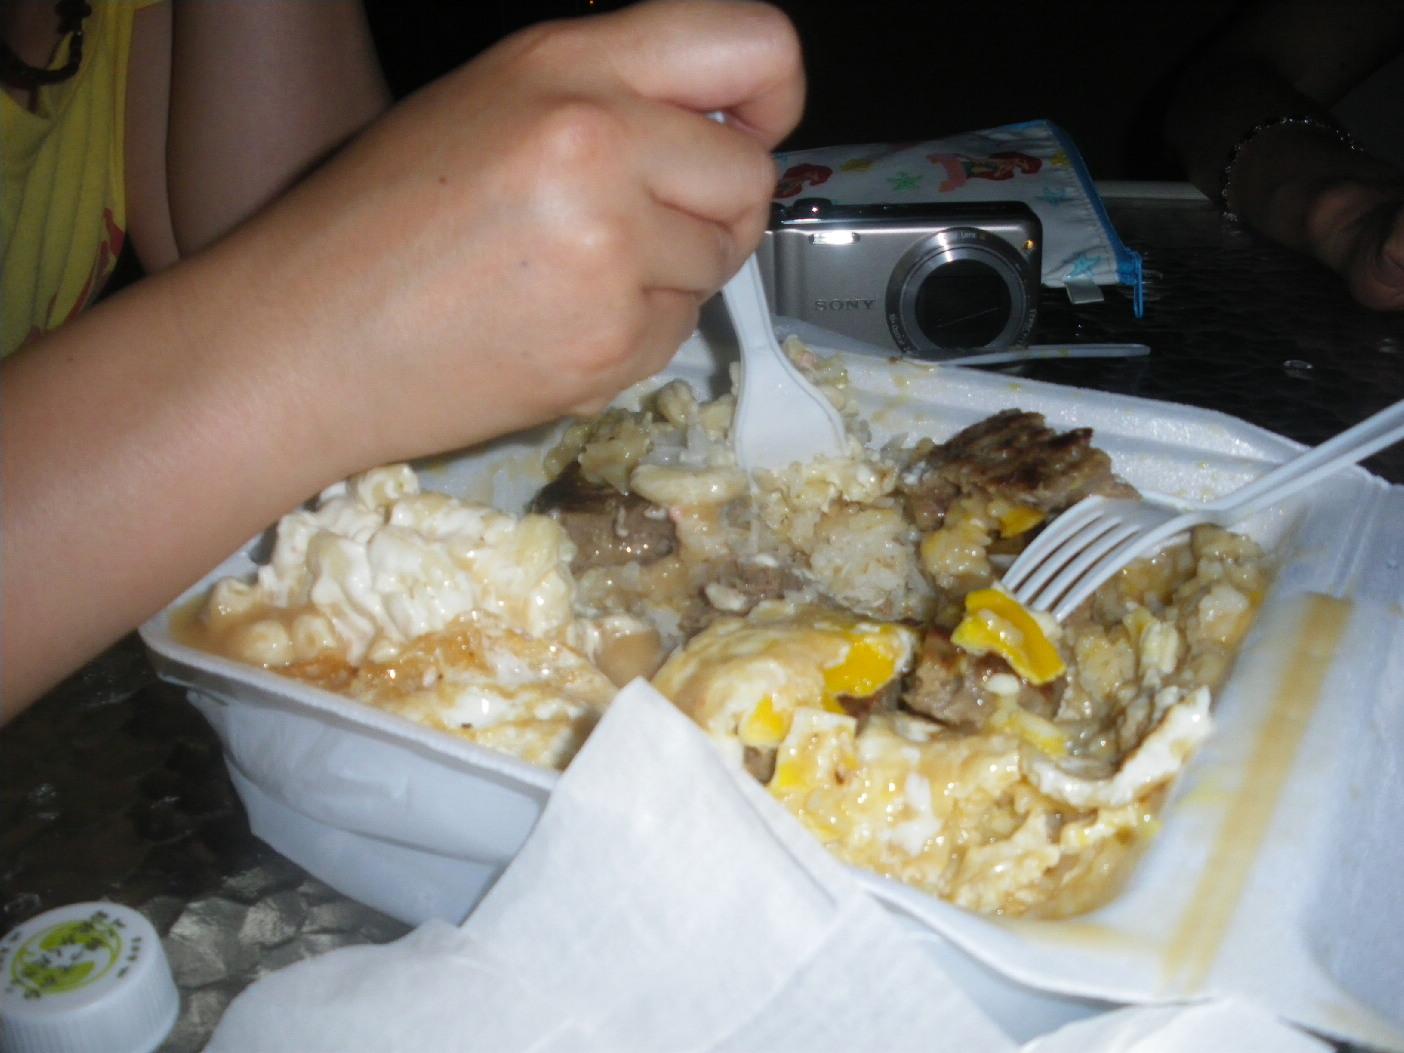 2011 1泊3日HAWAII旅行記~テイクアウトで美味しいフード~_f0011498_16433256.jpg